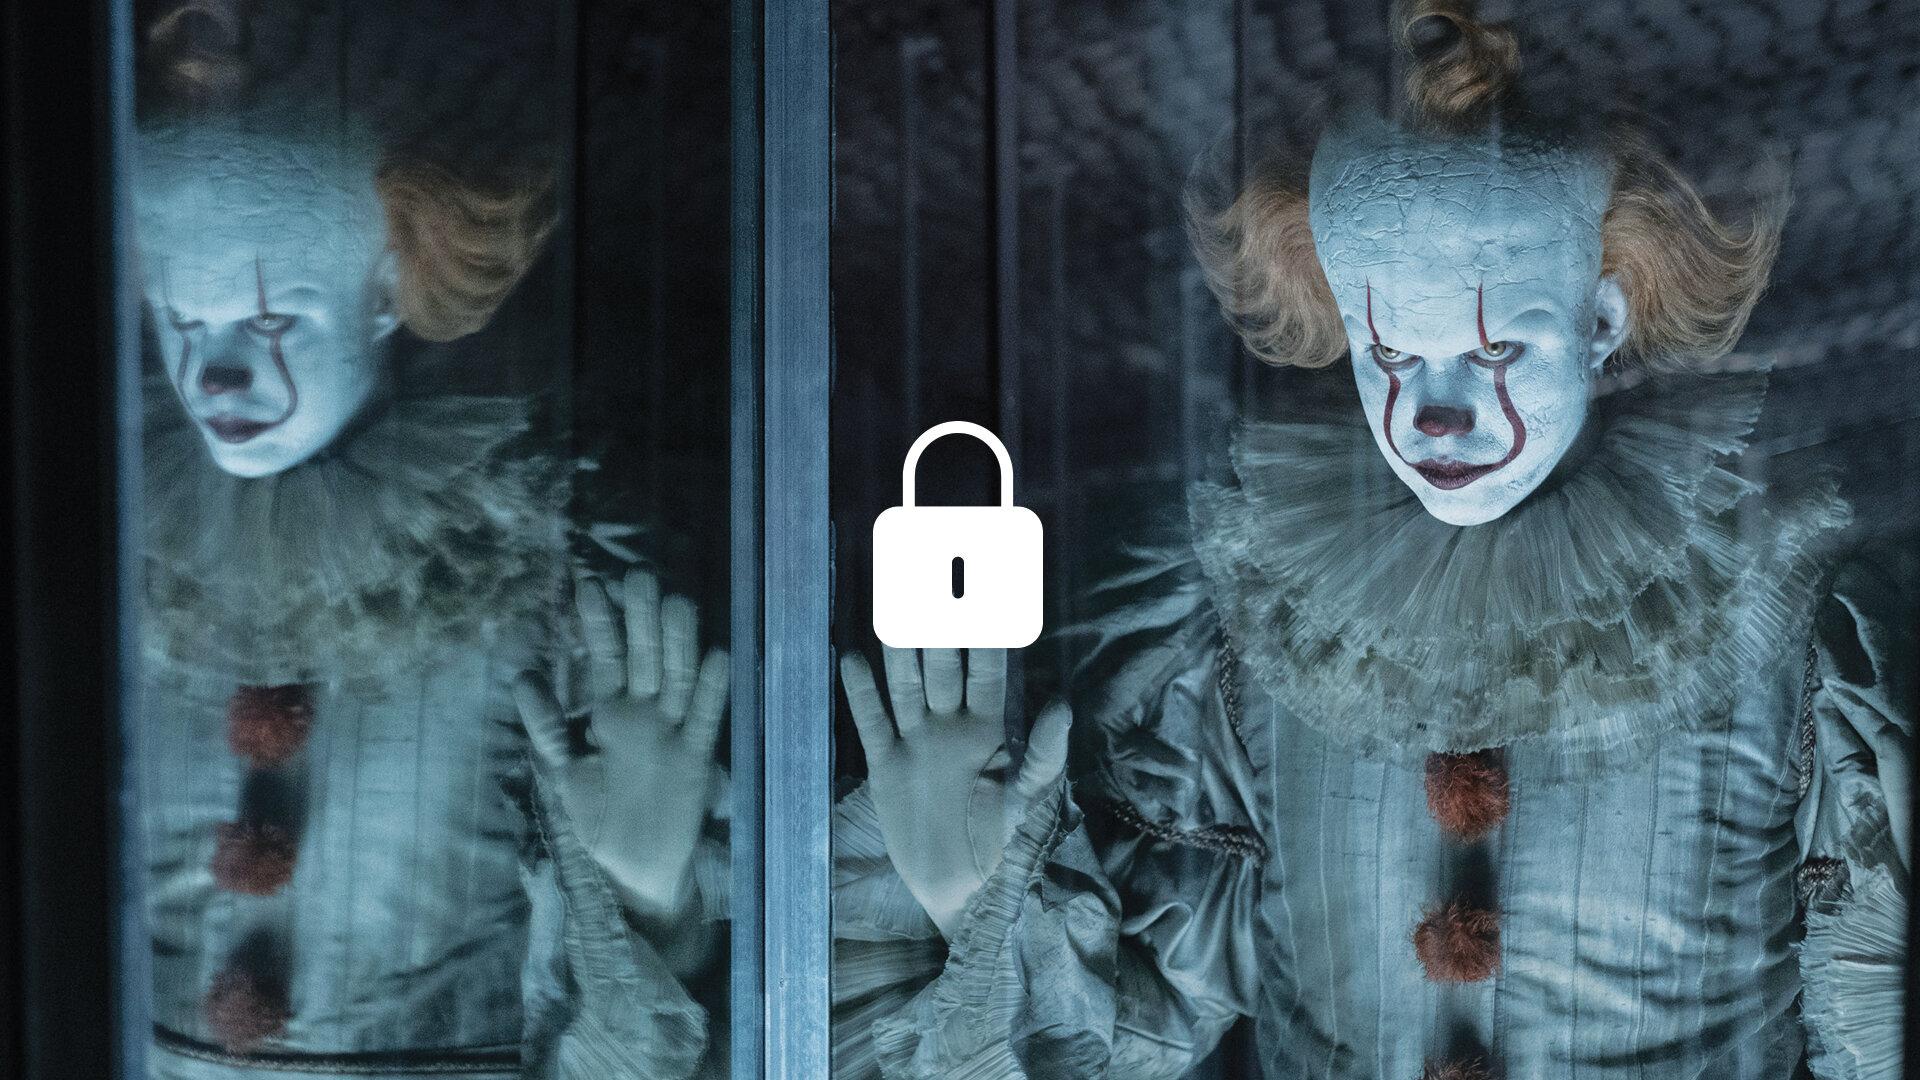 Bonus Mini Episode: Save or Kill - Evil Clowns